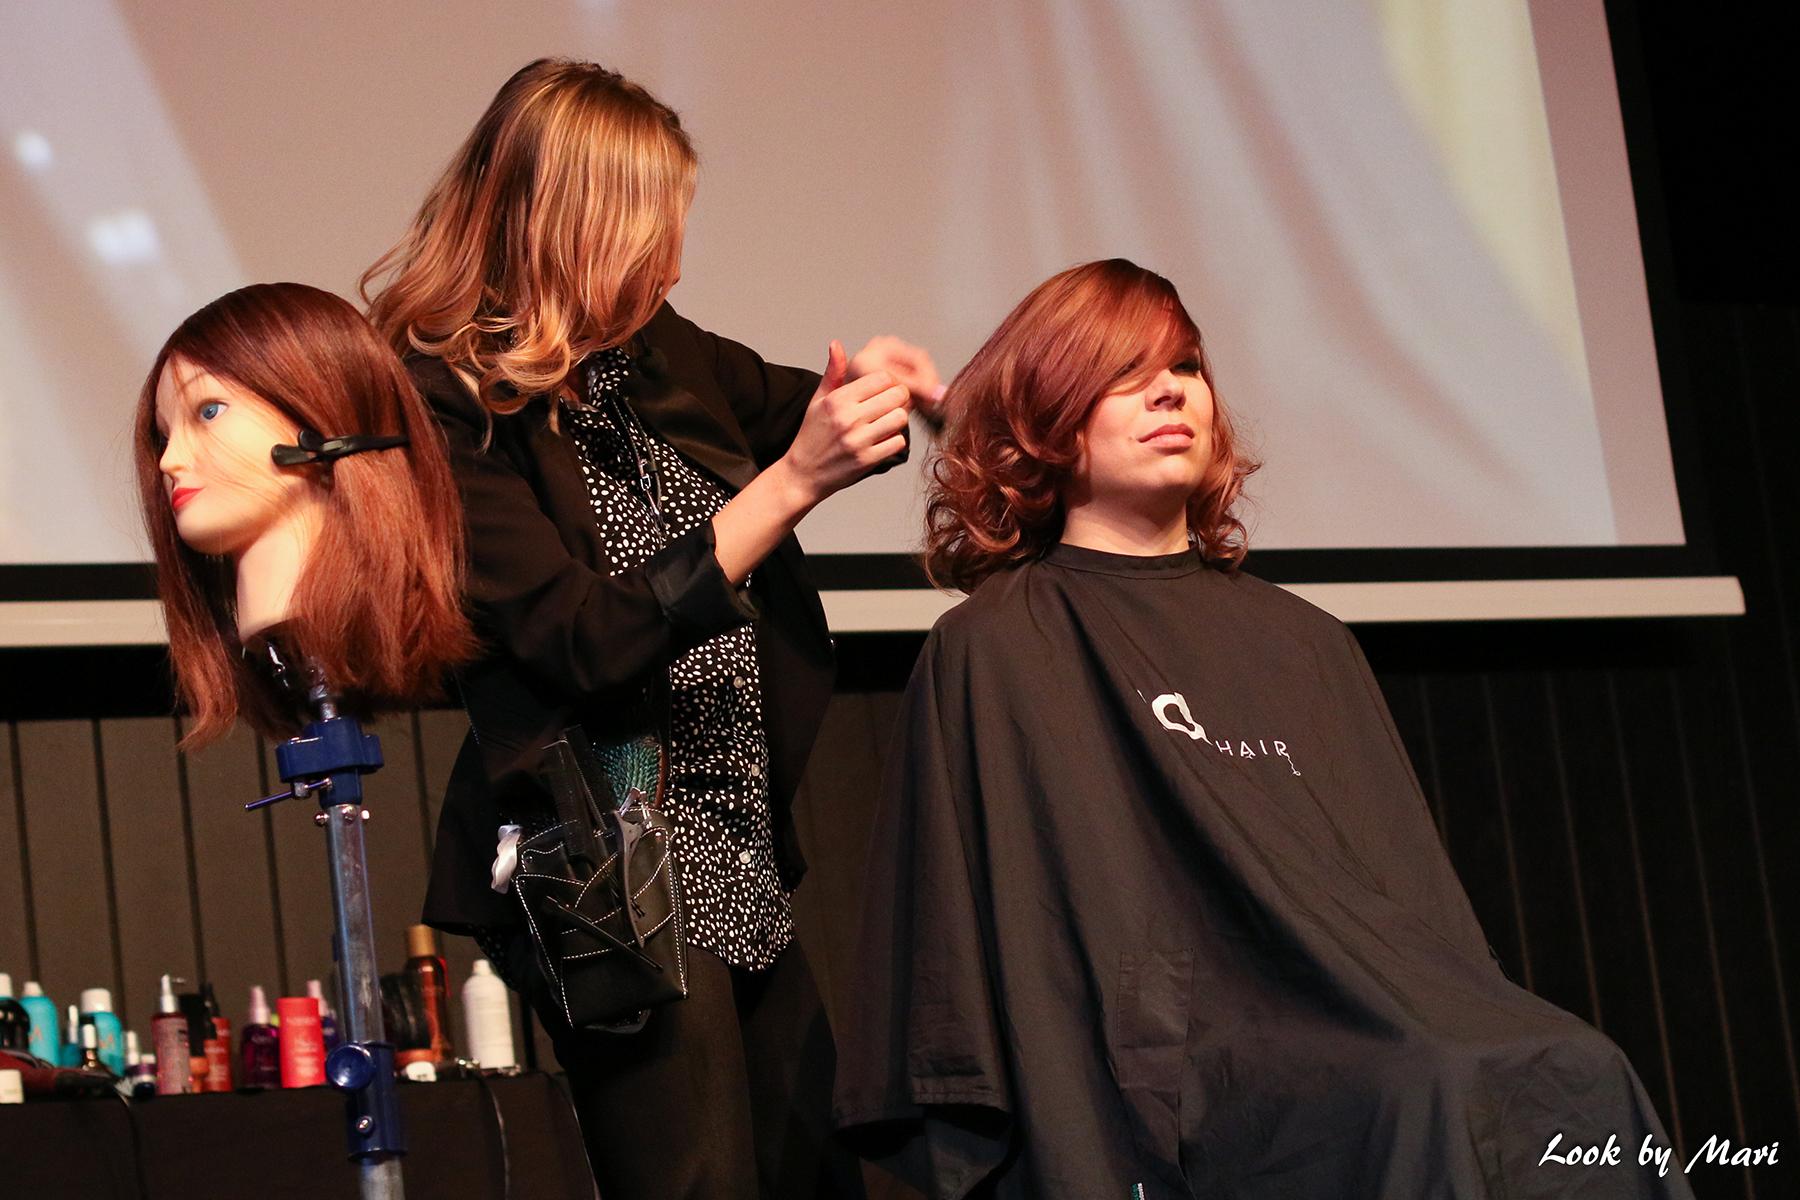 12 idhair hair show 29.3.2017 helsinki lanza moroccanoil evo idhair.fi